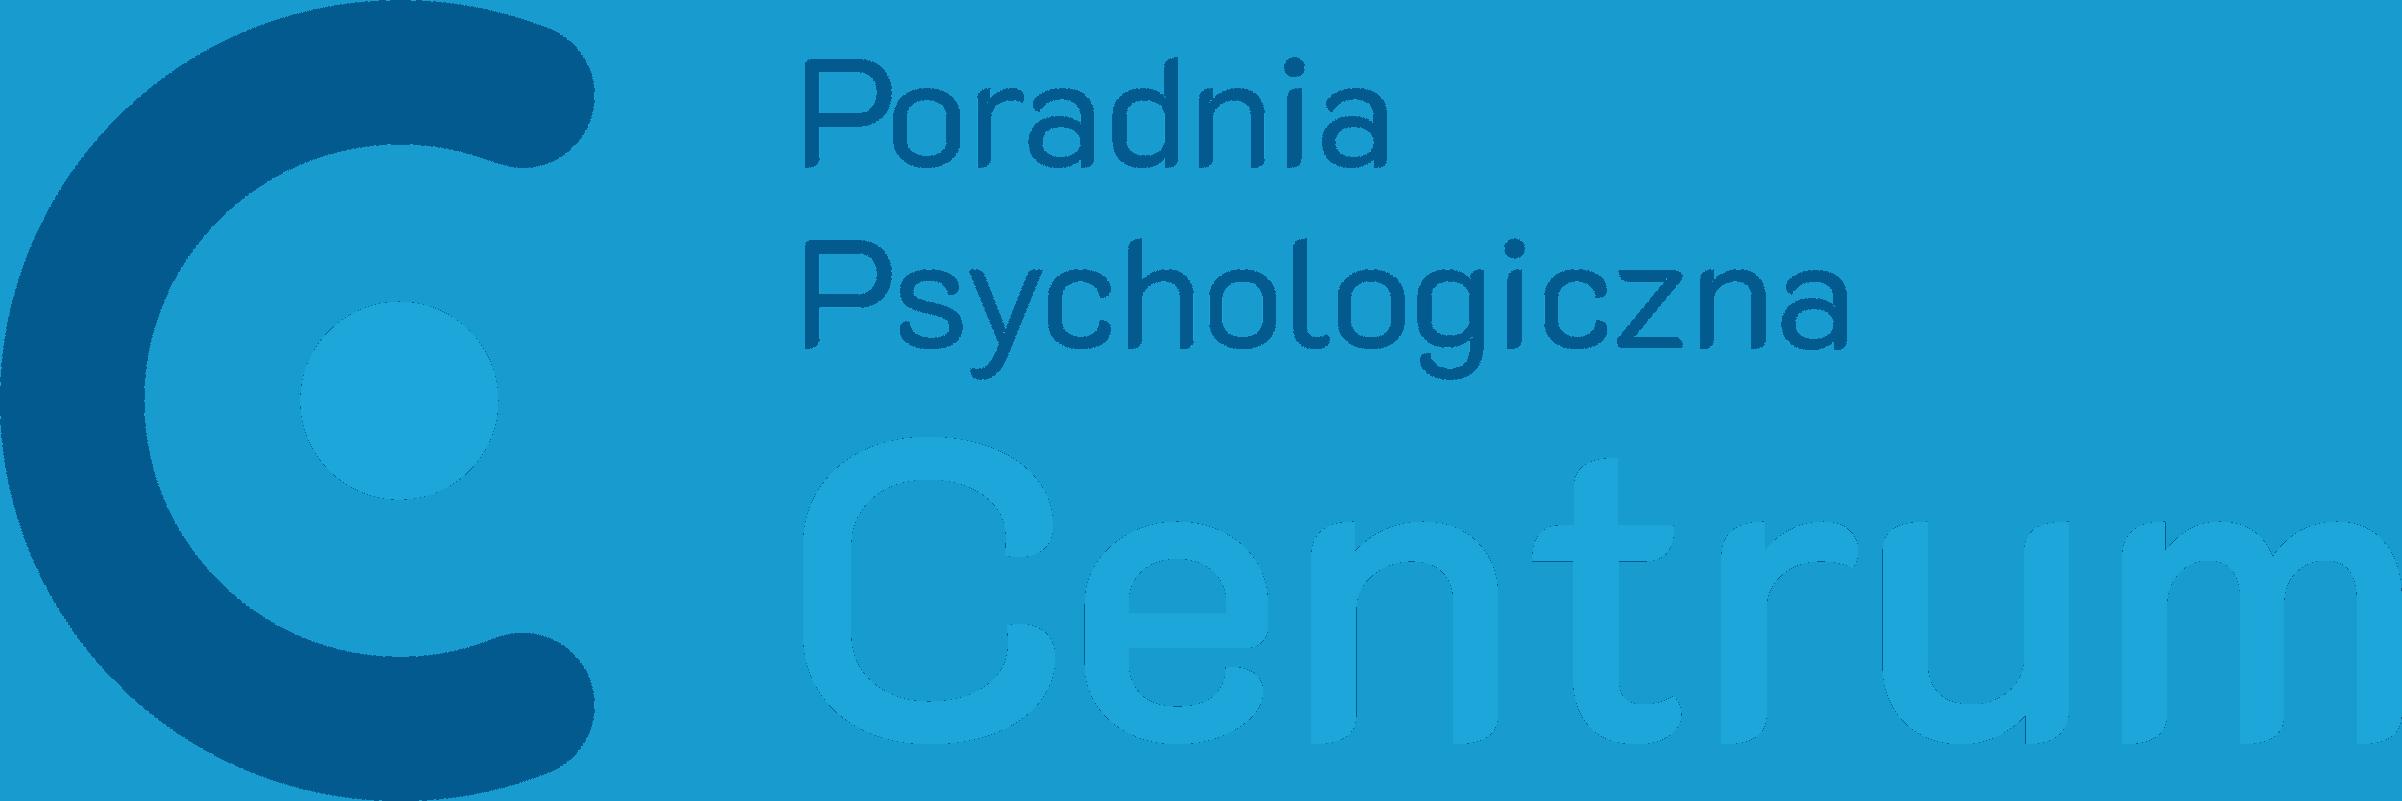 PORADNIA PSYCHOLOGICZNA DLA DOROSŁYCH I PAR